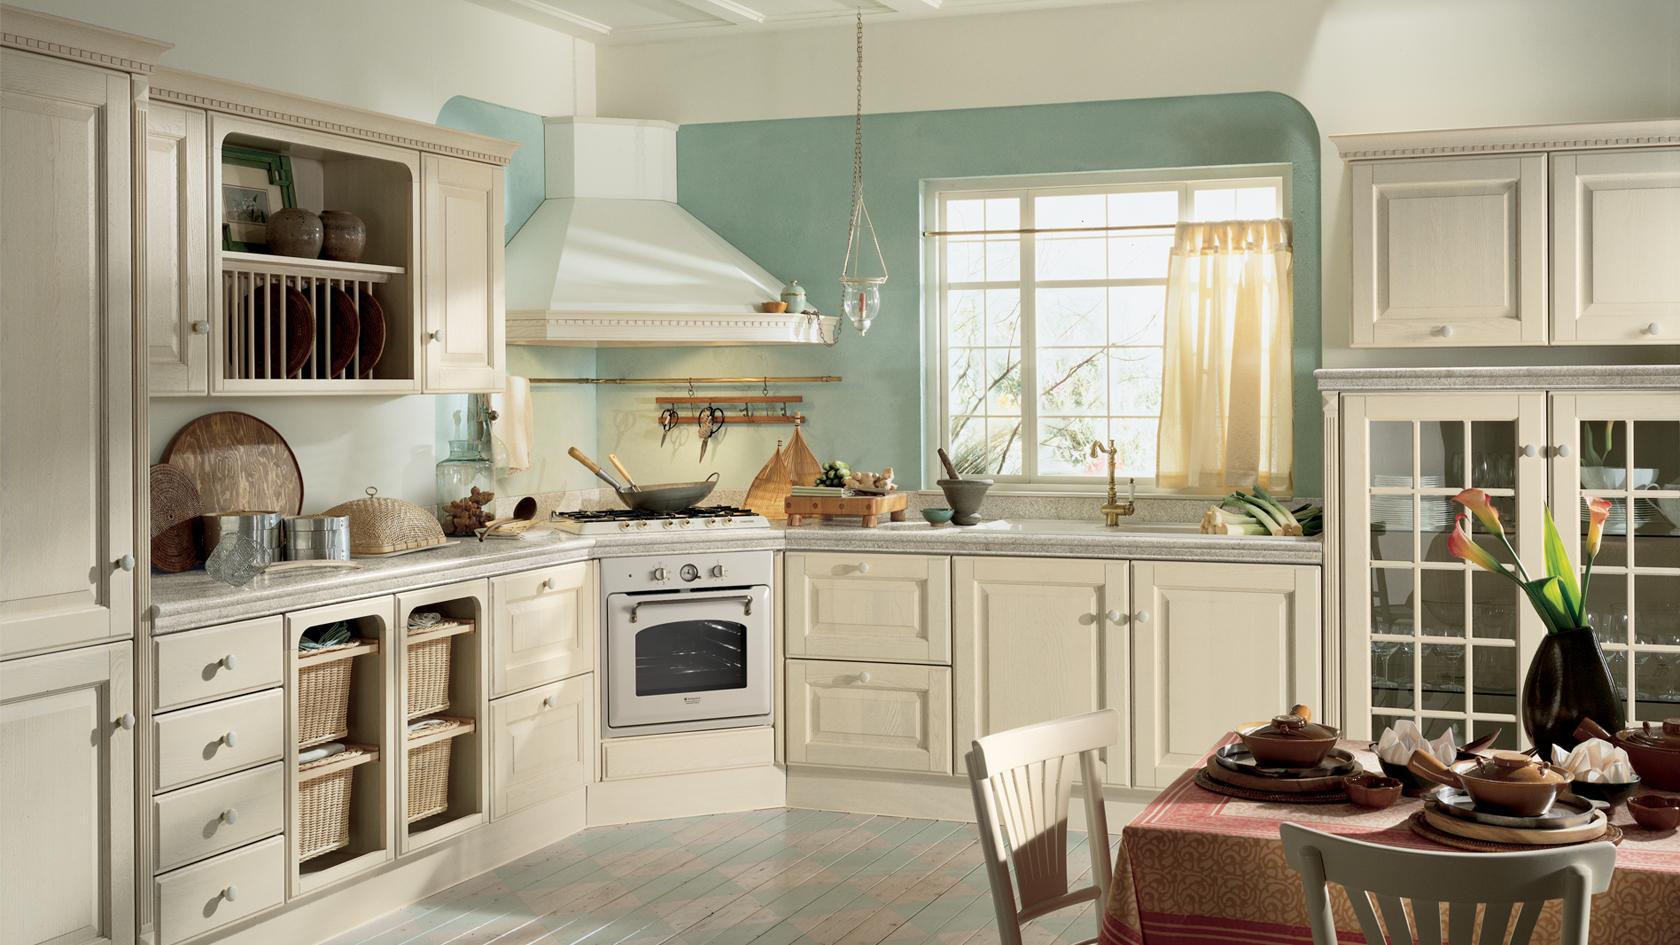 Cucine Scavoli ad Oristano - Piroddi Arredamenti dal 1893